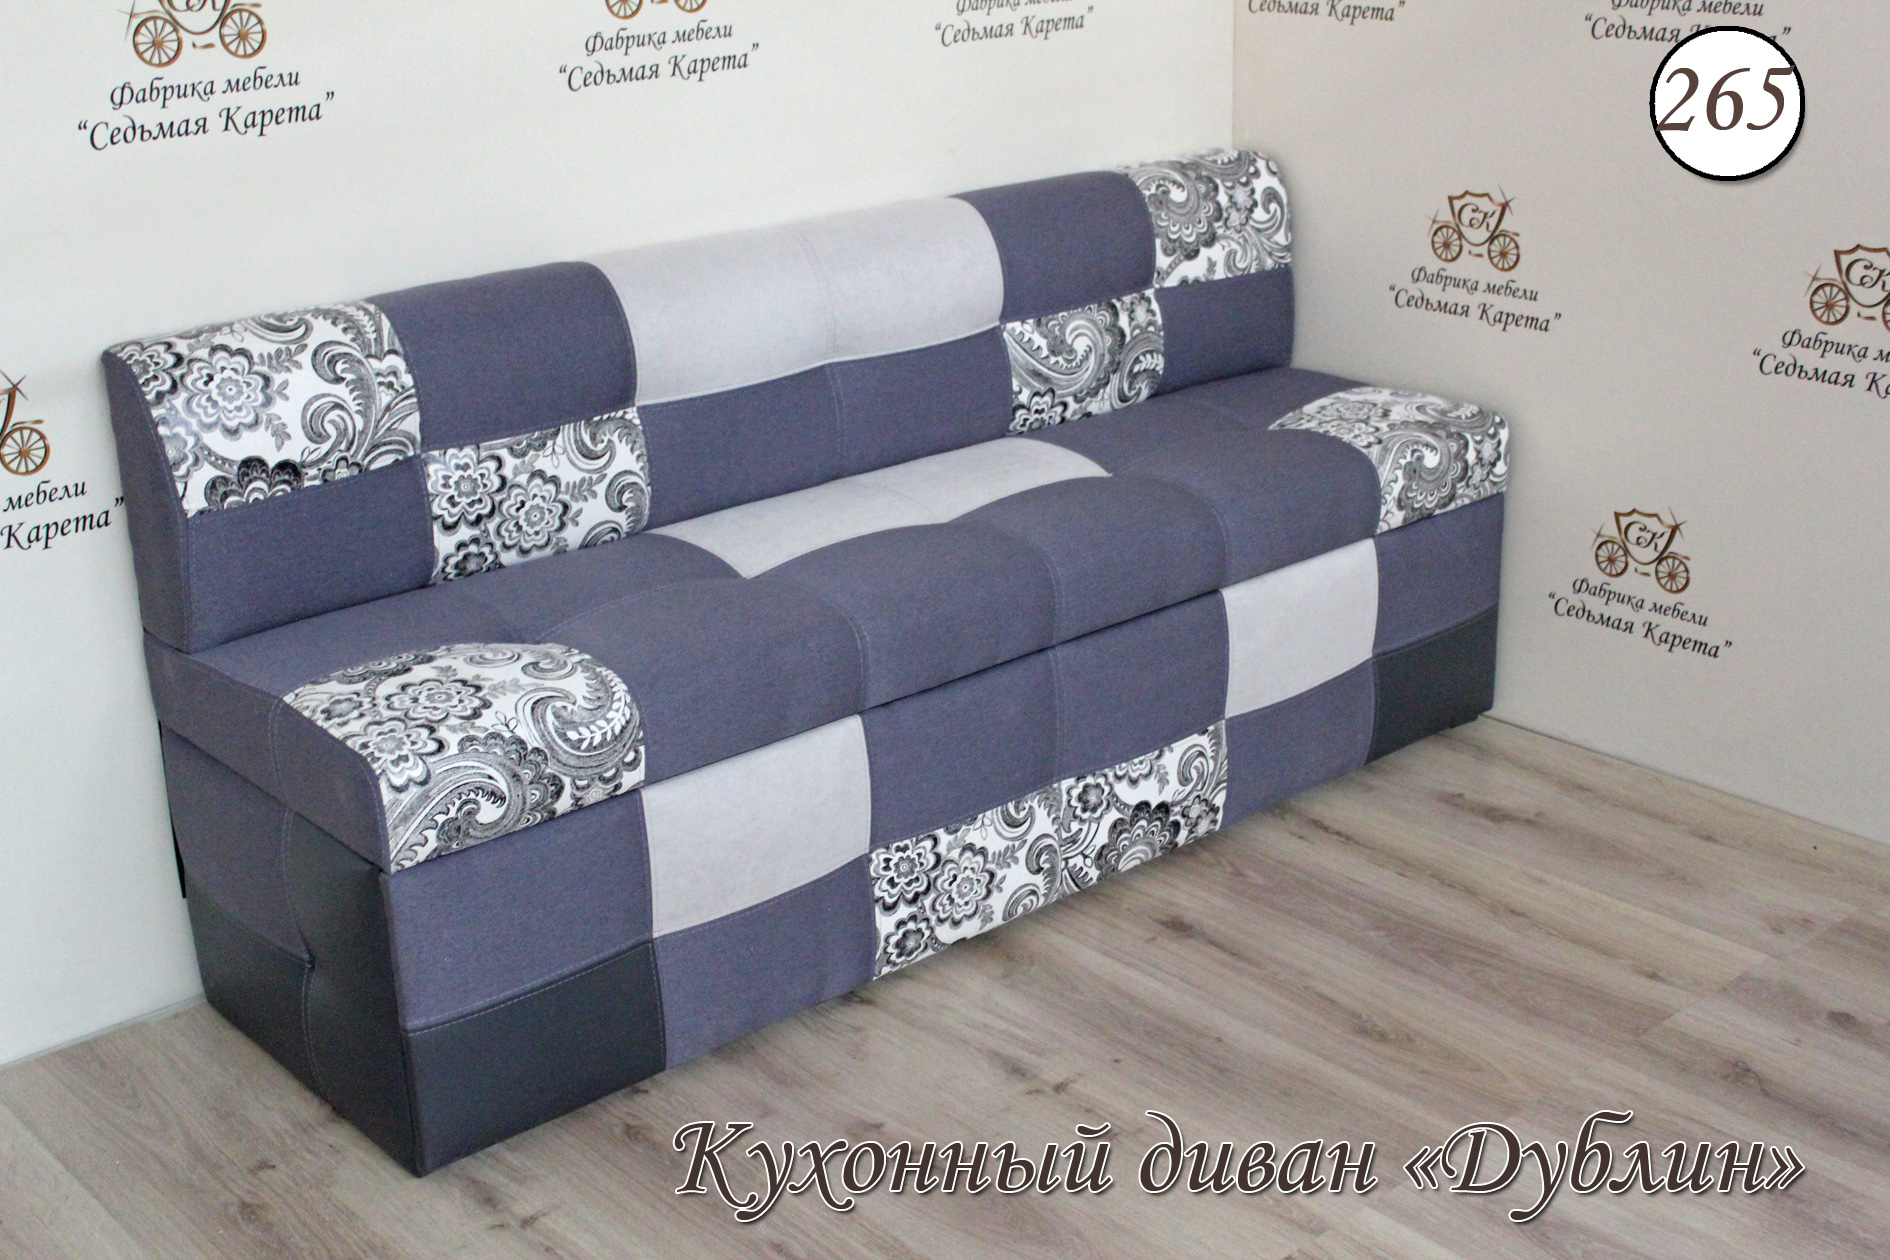 Кухонный диван Дублин-265 кухонный диван дублин